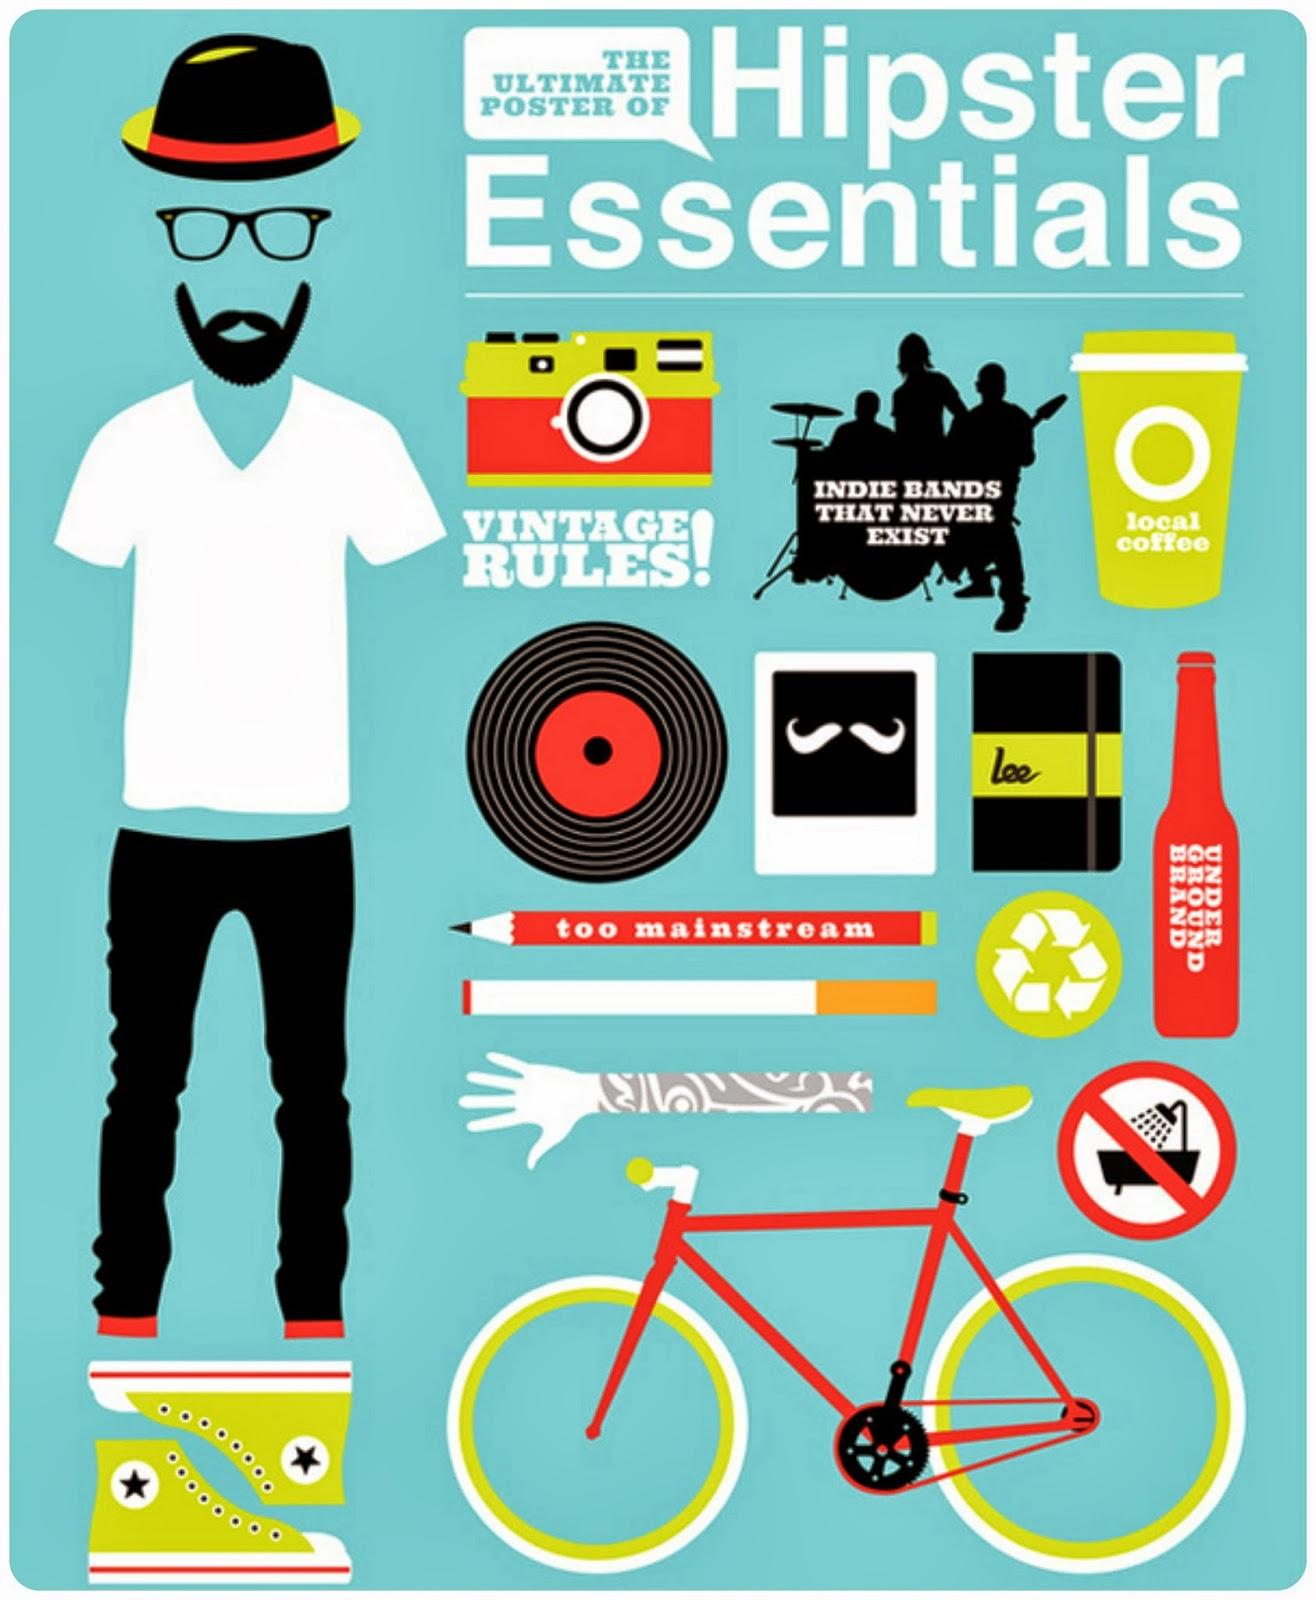 Elementos esenciales Hipster: vestuario y complementos varios